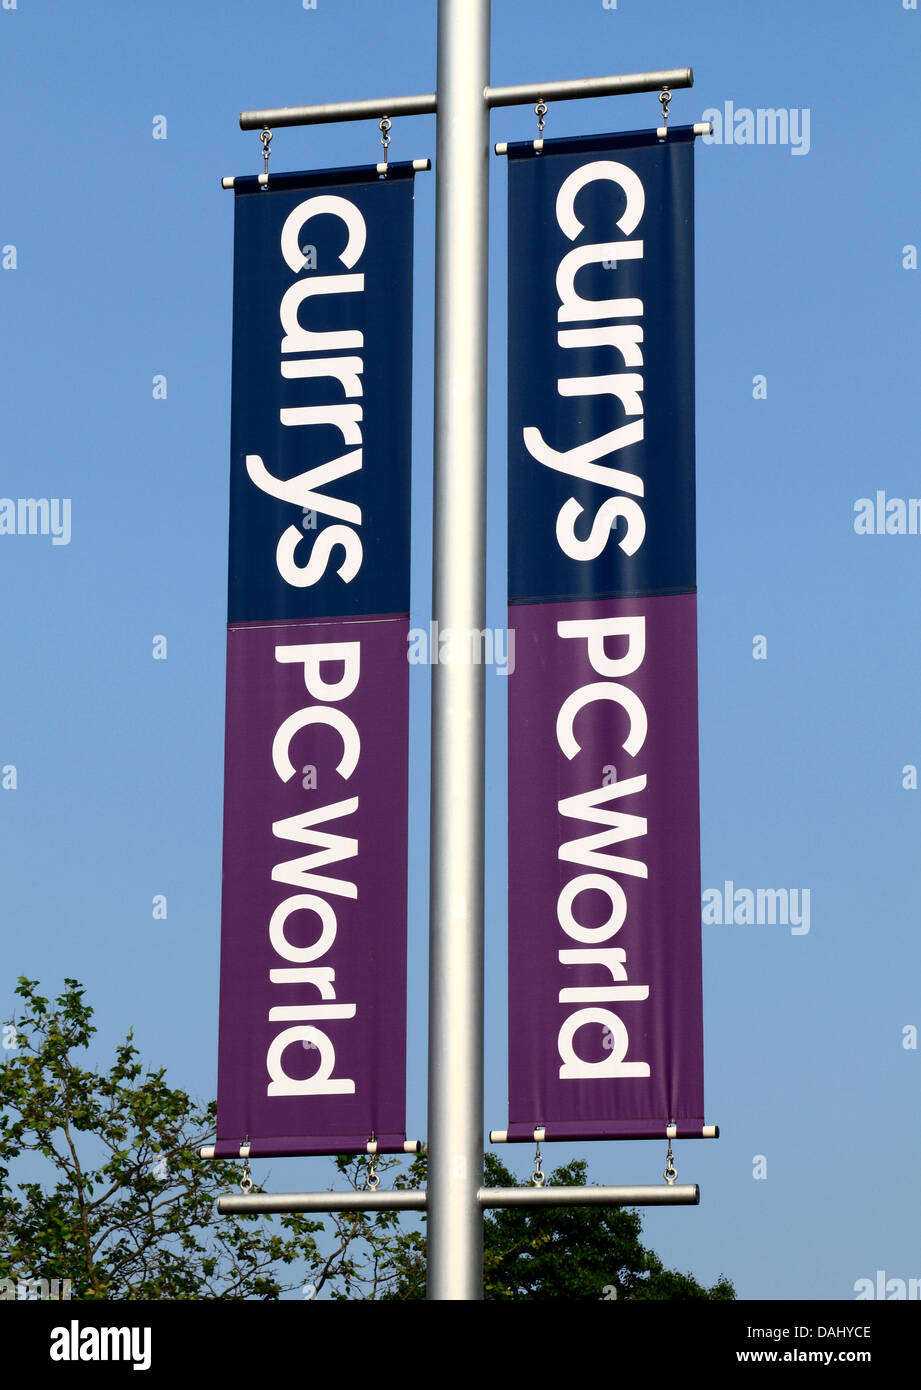 Currys PC World, banner, sign, logo, PCWorld England UK. - Stock Image